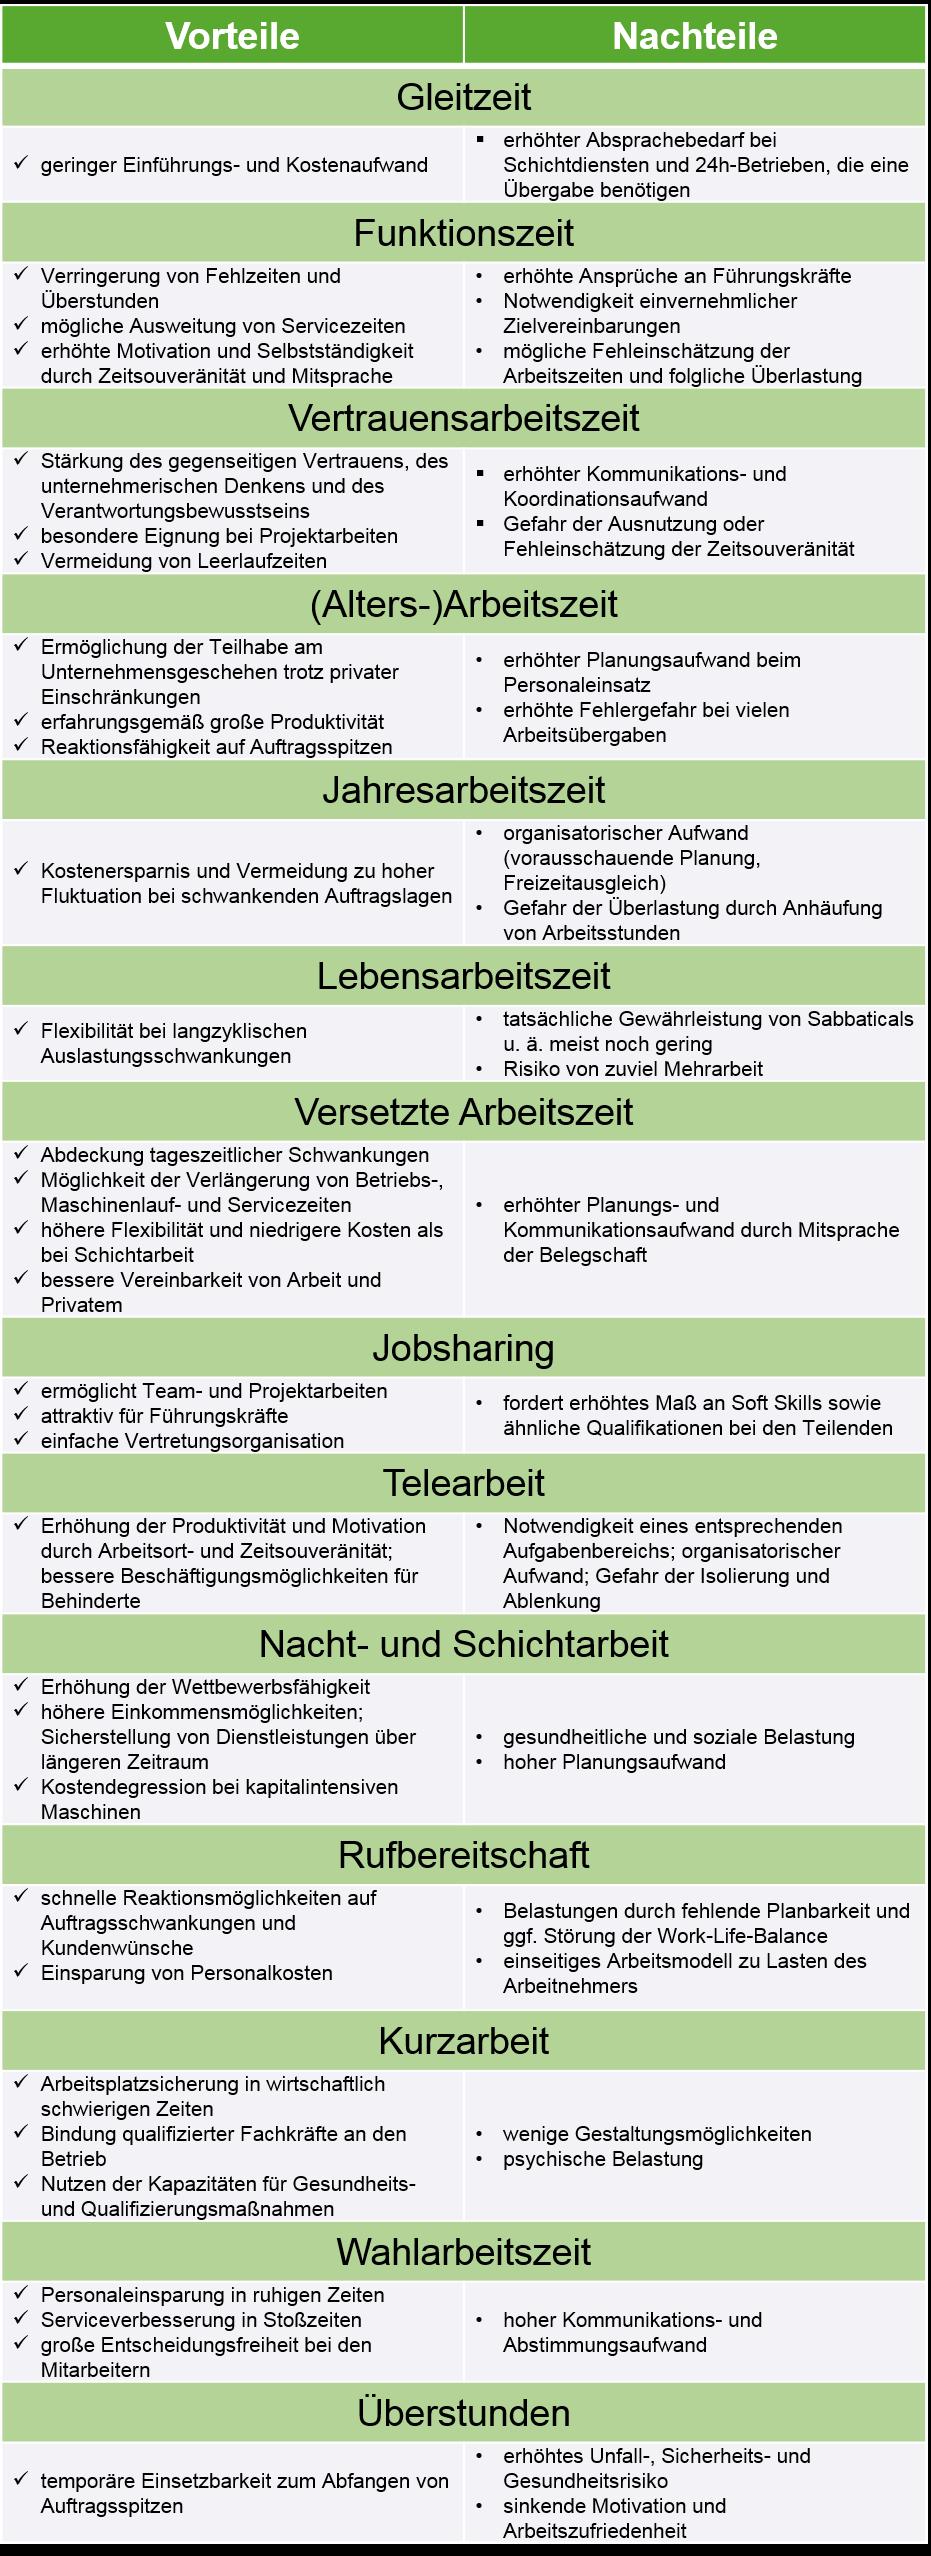 Arbeitszeitmodelle2